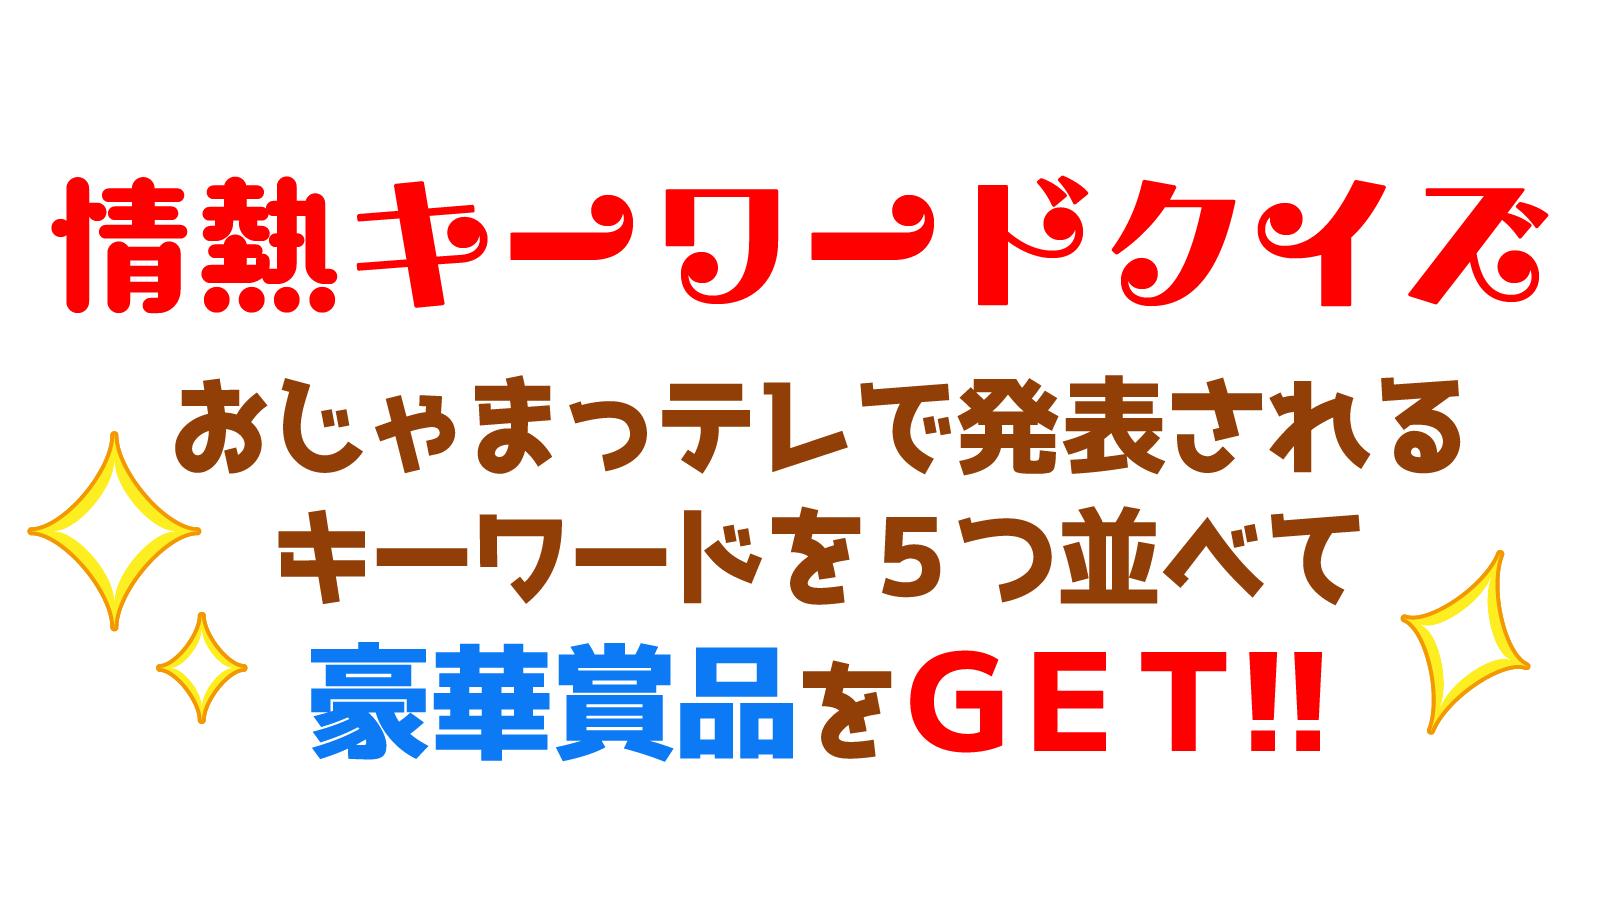 情熱キーワードクイズ FBC-i【福井放送】